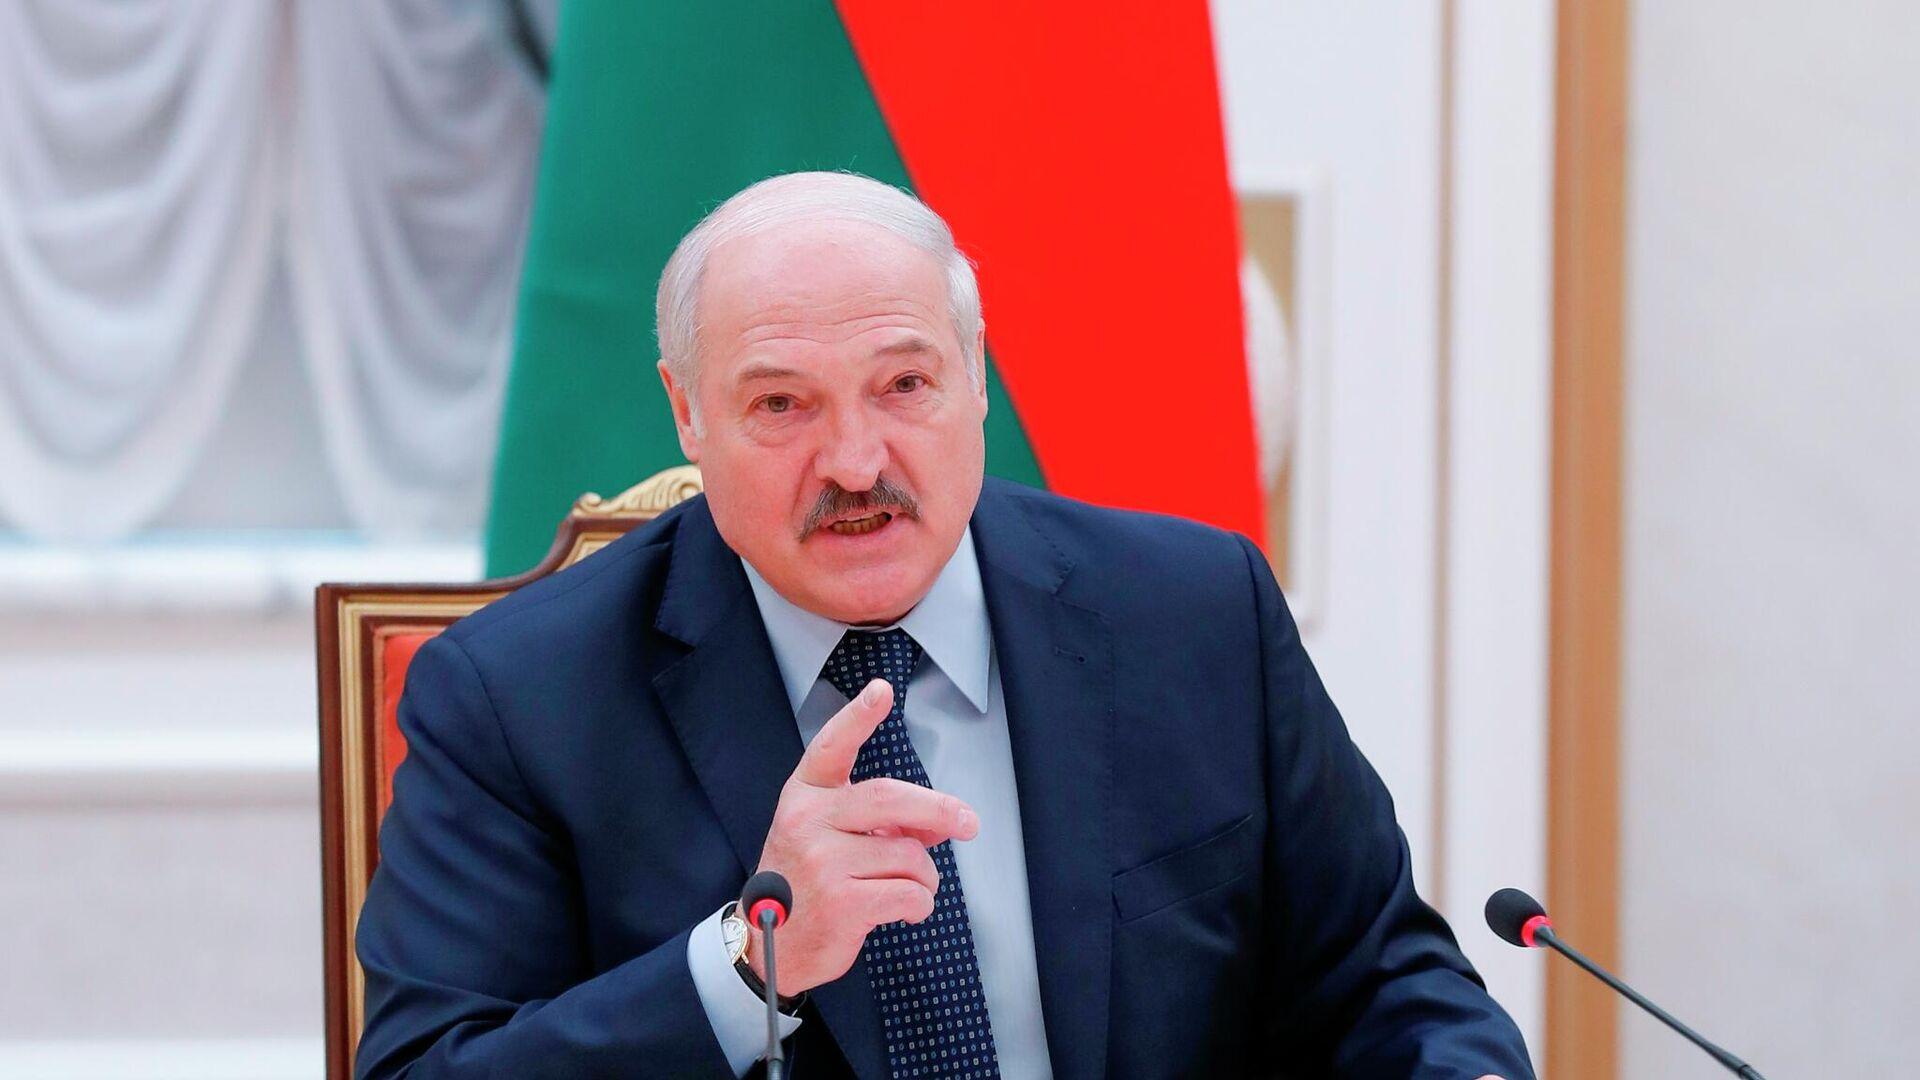 Президент Белоруссии Александр Лукашенко принимает участие в заседании Совета глав правительств СНГ - РИА Новости, 1920, 03.06.2021